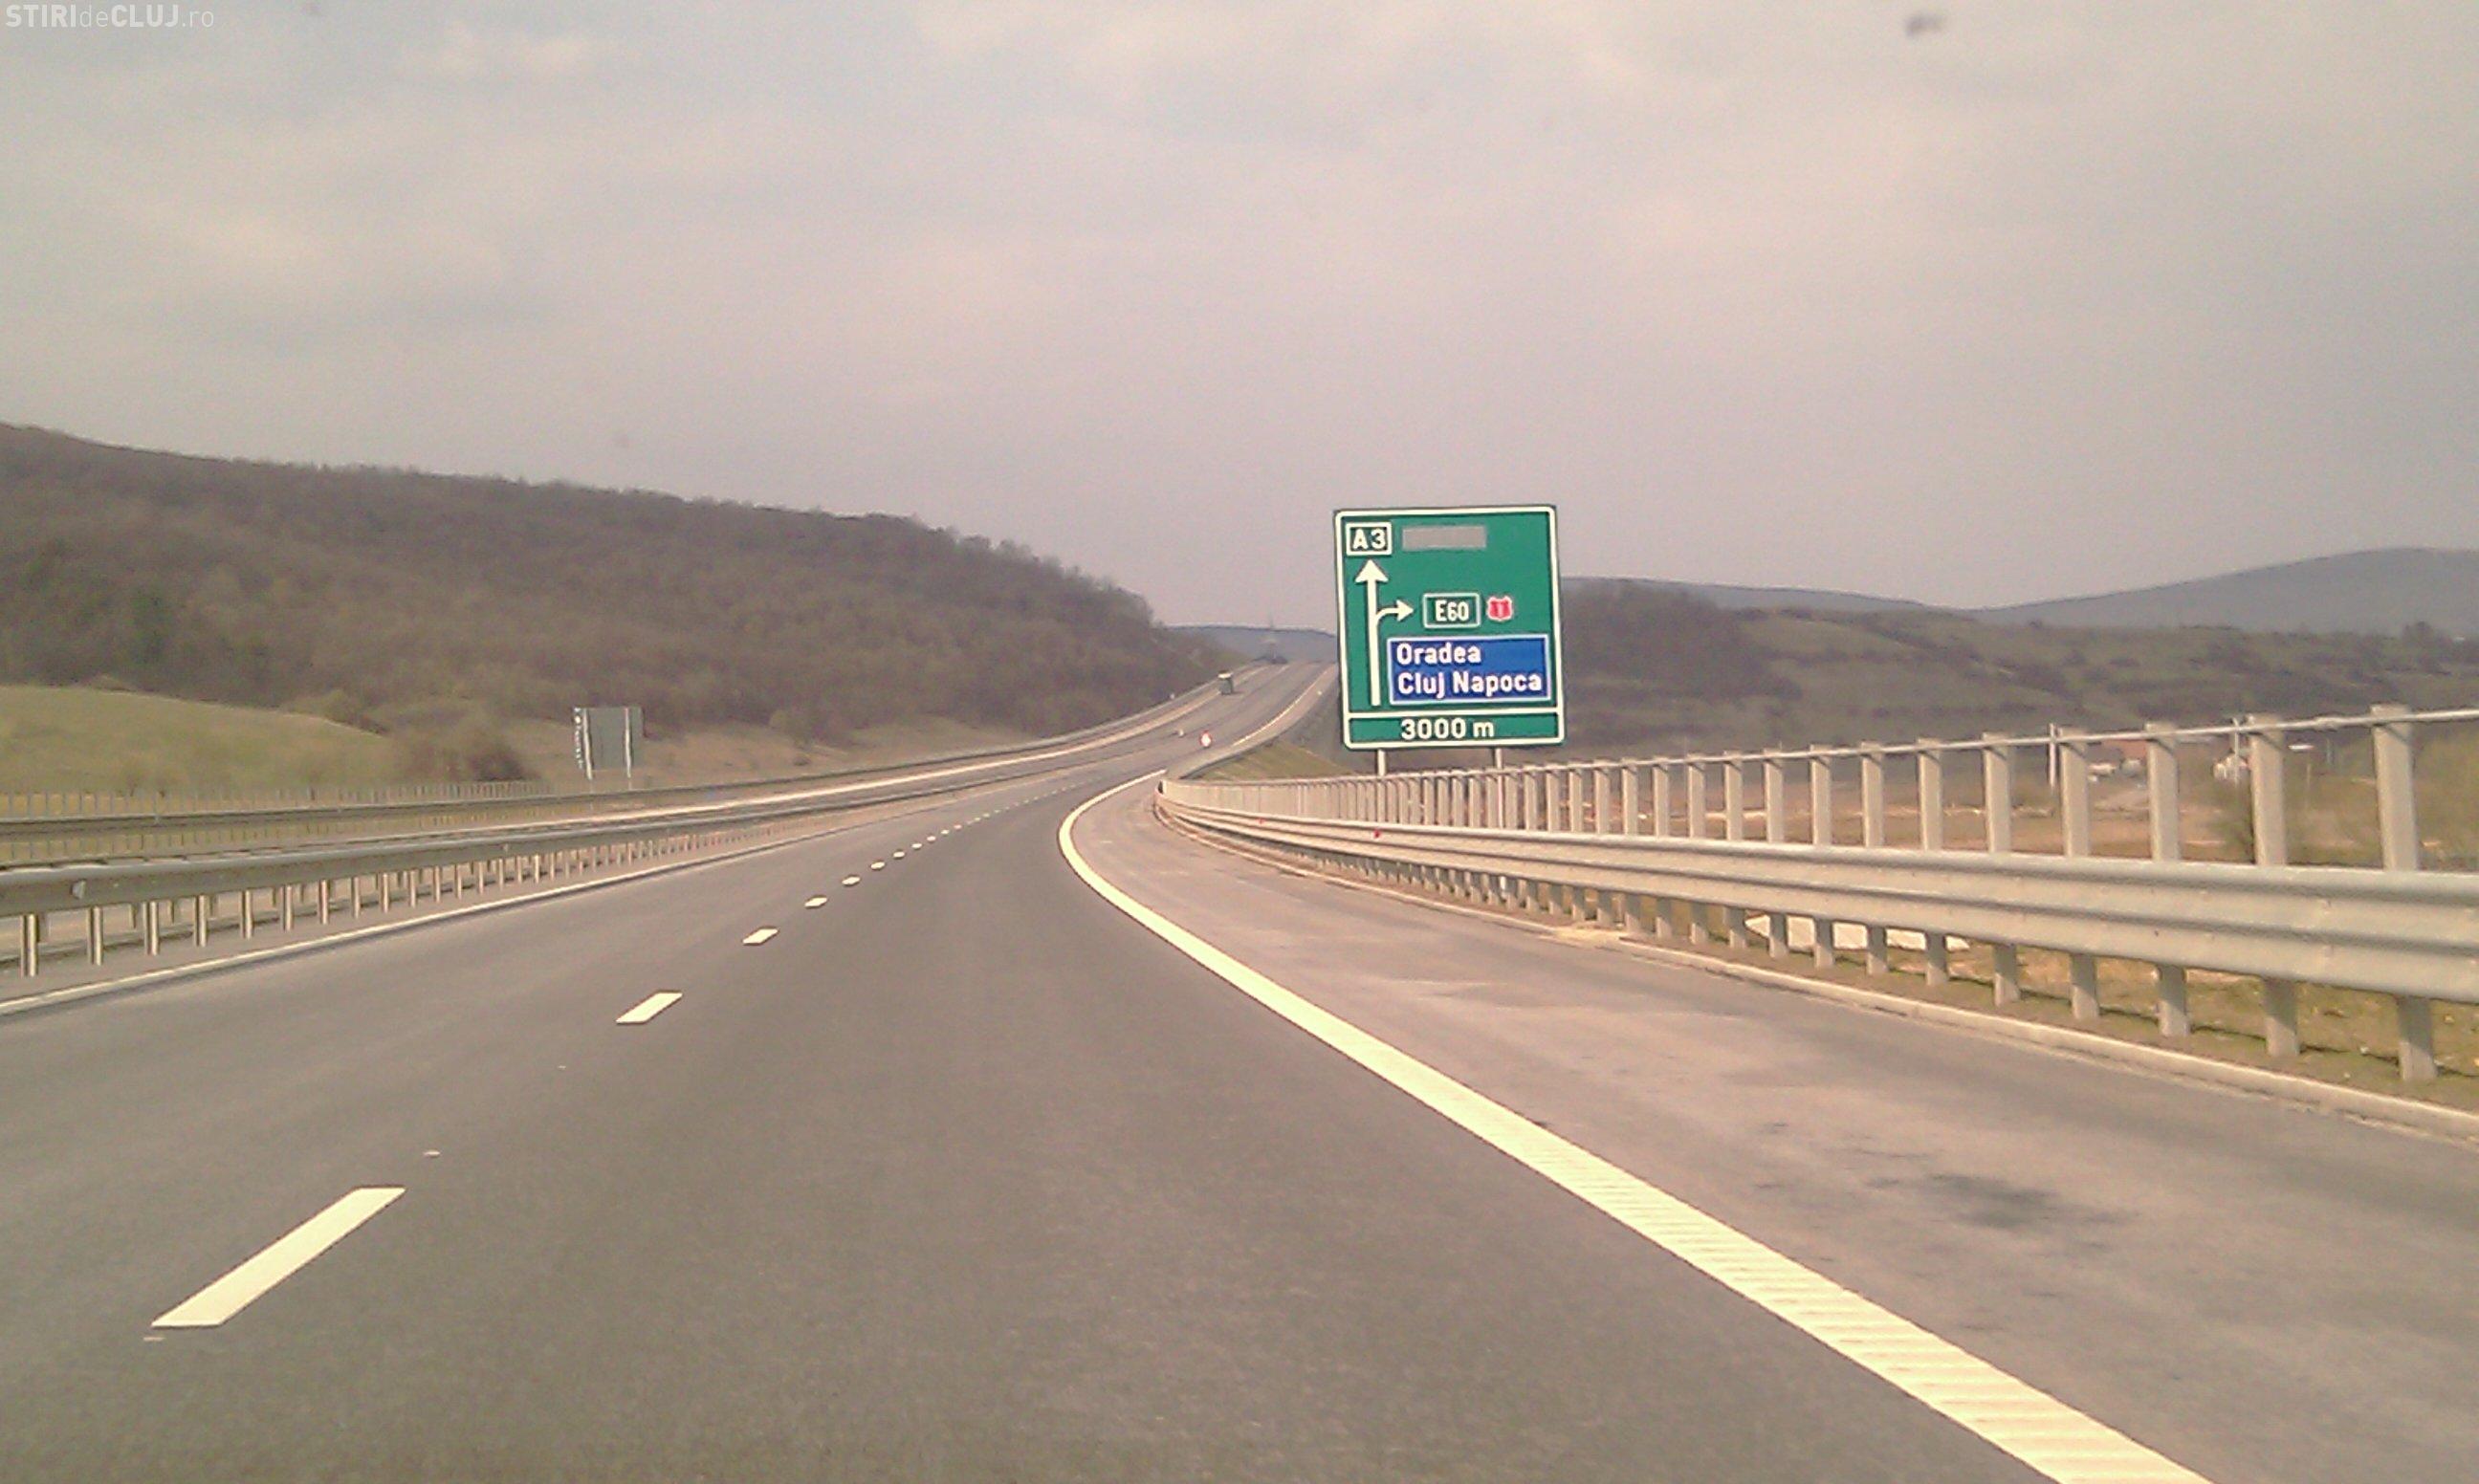 Șofer prins cu 209 km/h pe Autostrada Transilvania. TREI luni va sta fără permis